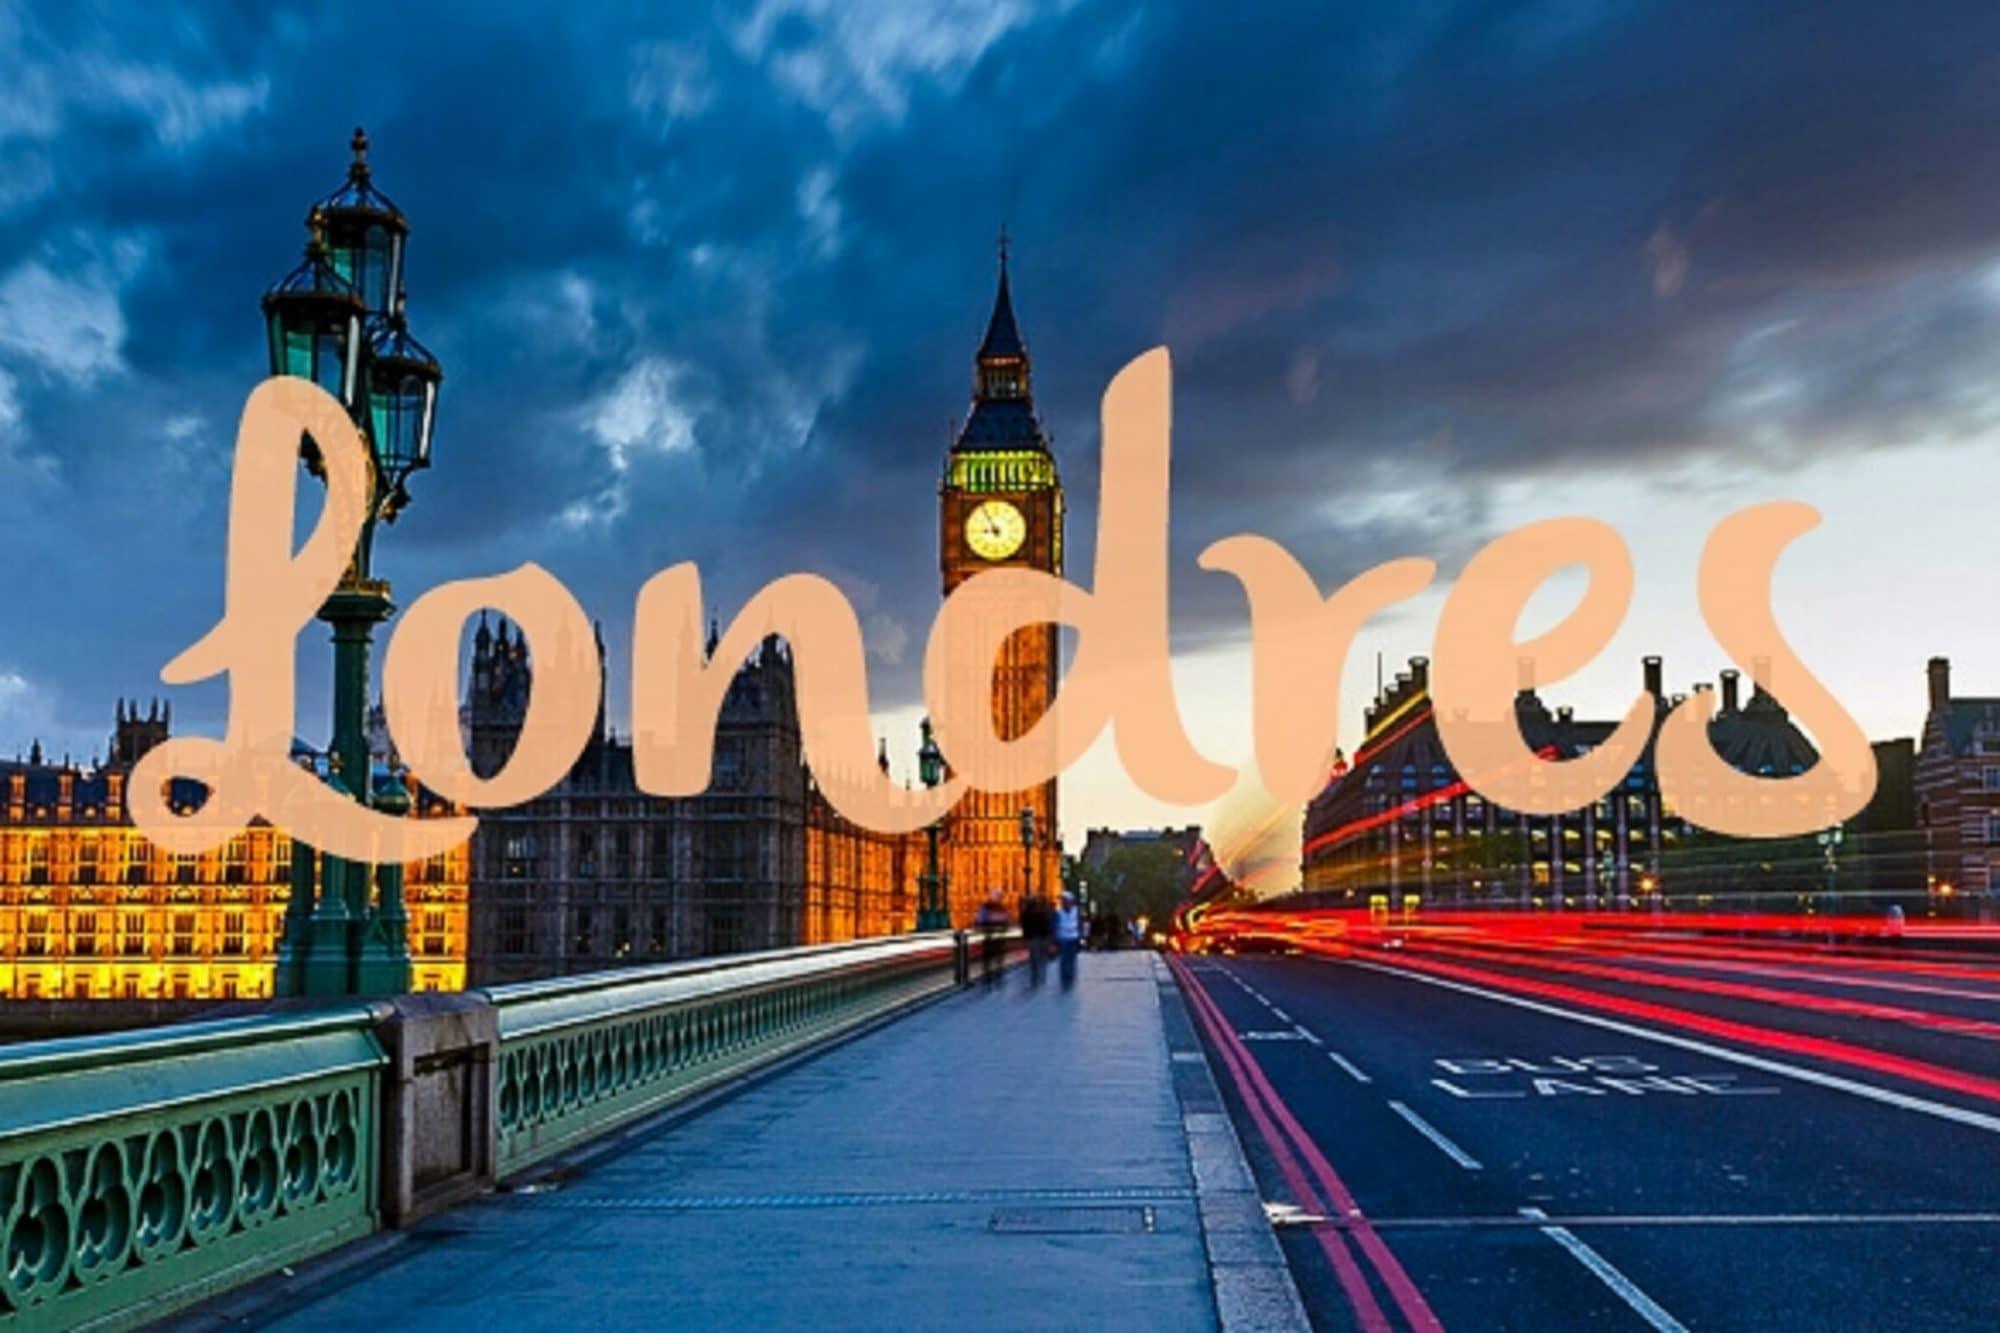 Appart hôtel Londres : pourquoi ne pas opter pour un appart hôtel ?